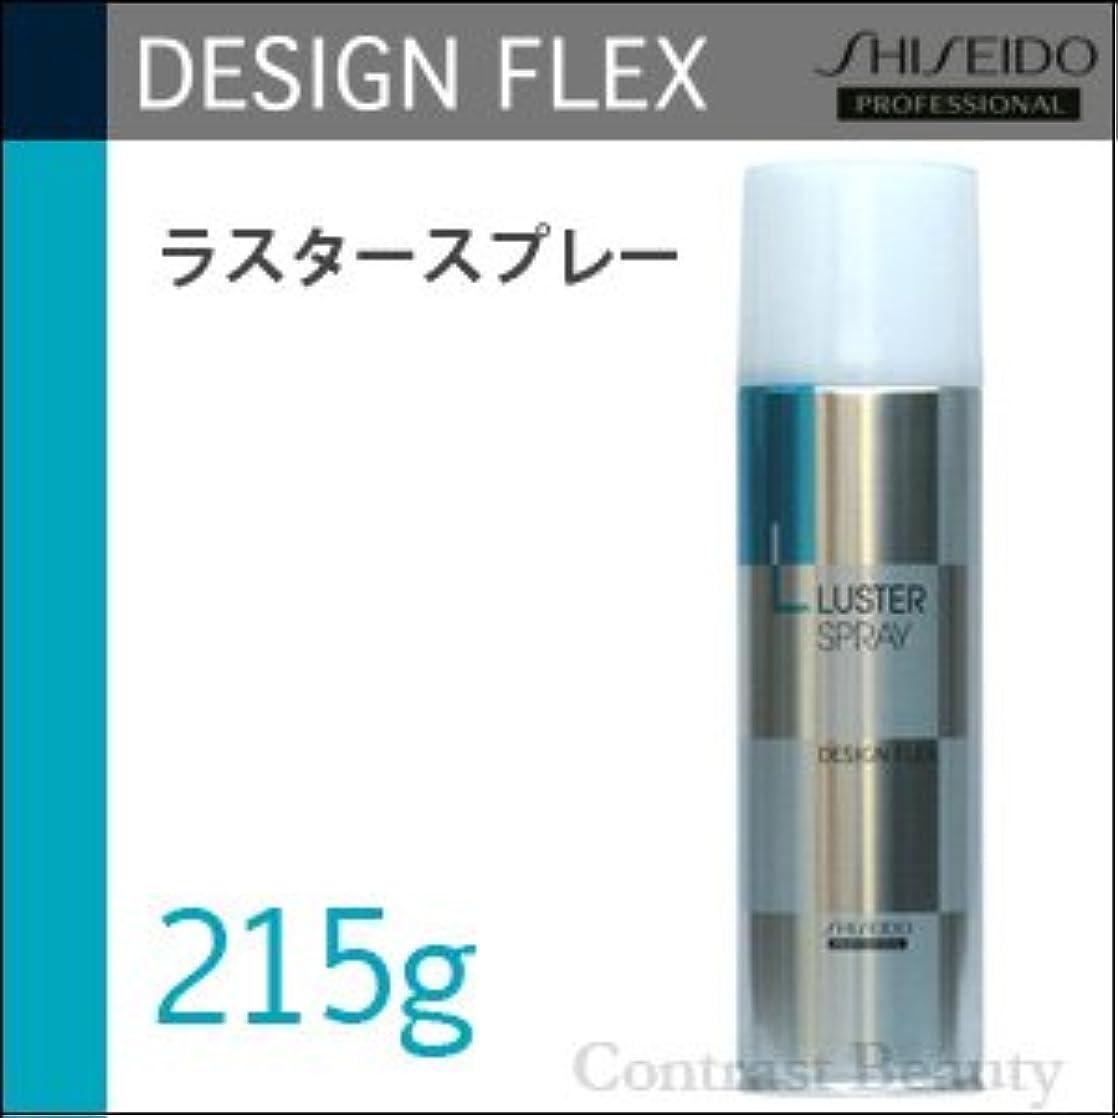 ヘビー接ぎ木指定する【x2個セット】 資生堂 デザインフレックス ラスタースプレー 215g